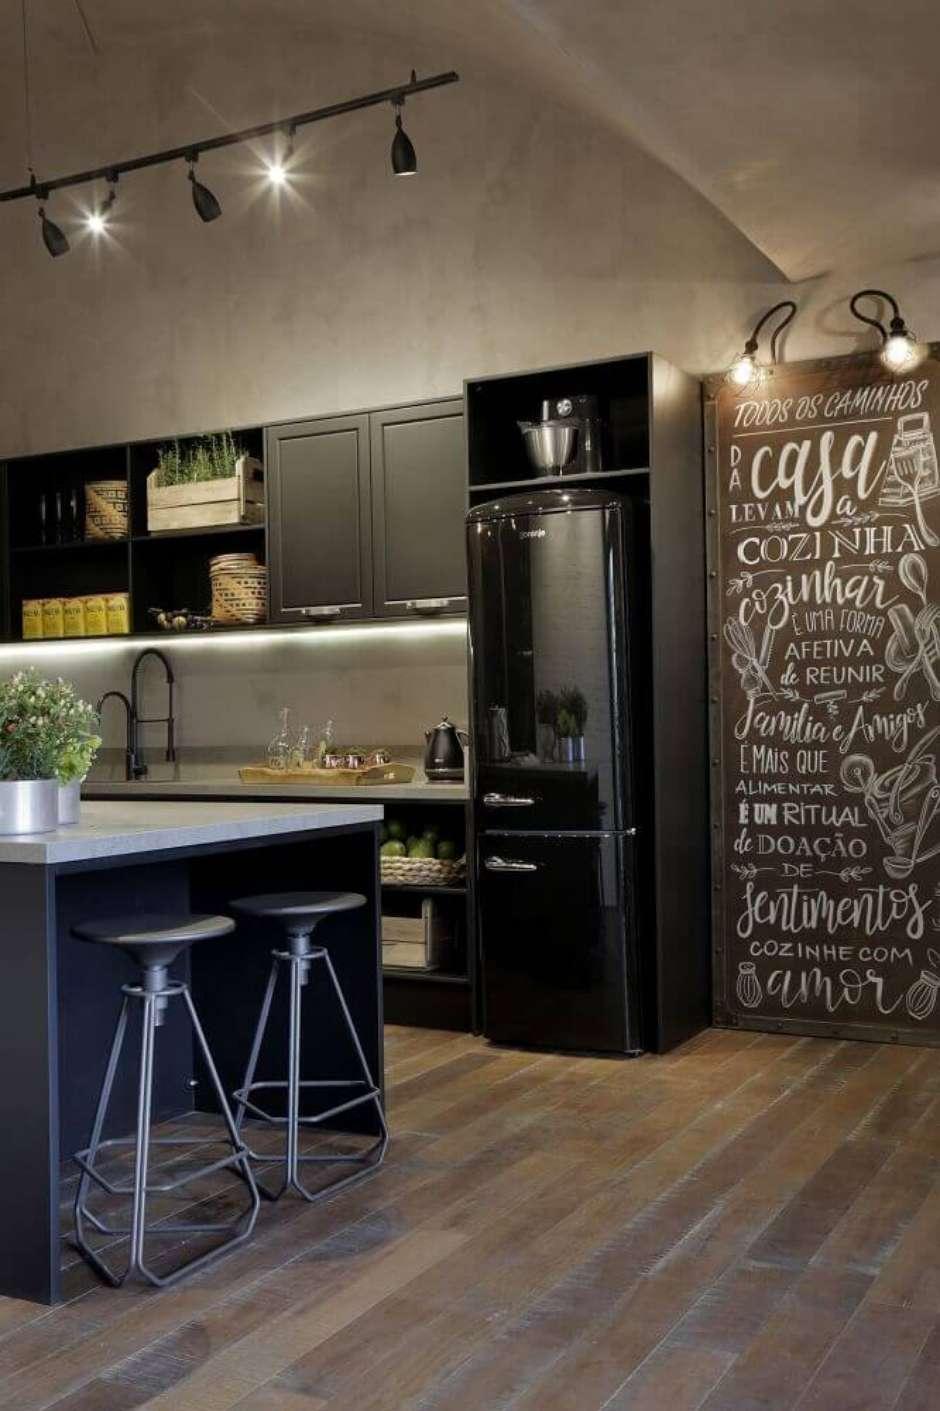 Paredes De Cozinhas Modernas Cozinha Moderna Com Paredes Vermelhas